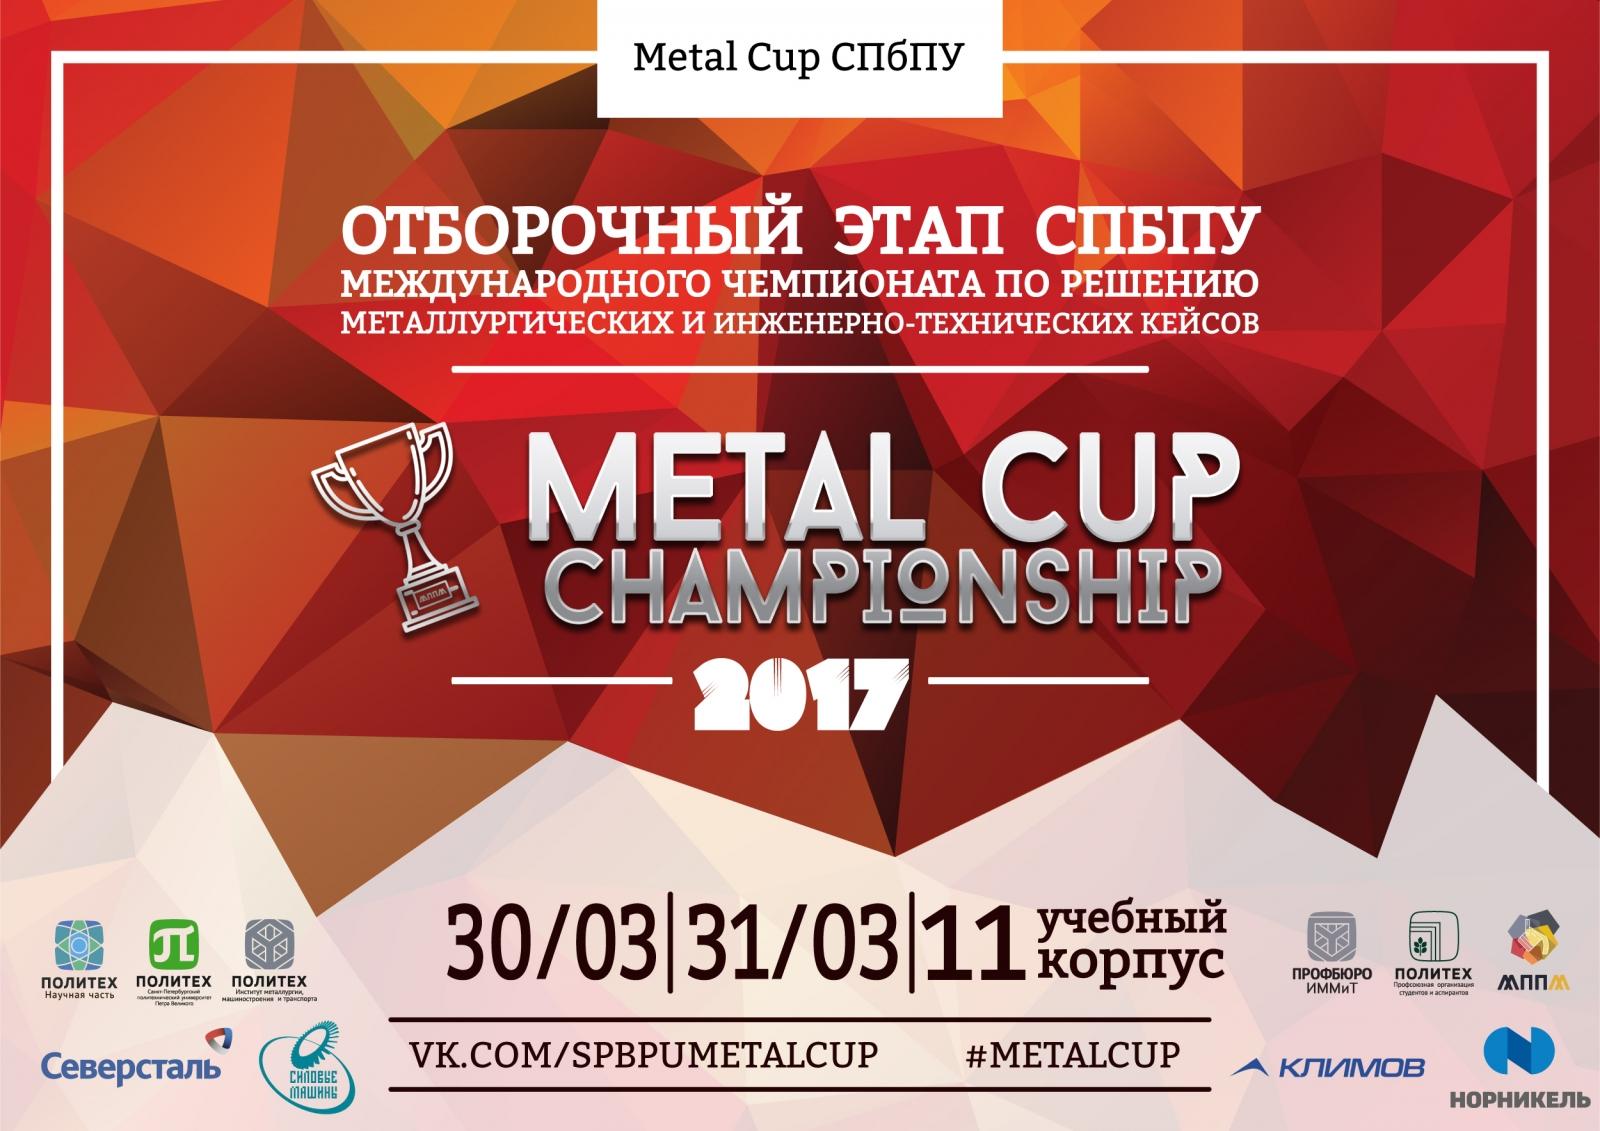 Отборочный этап Международного чемпионата по решению металлургических и инженерно-технических кейсов (Metal Cup 2017)